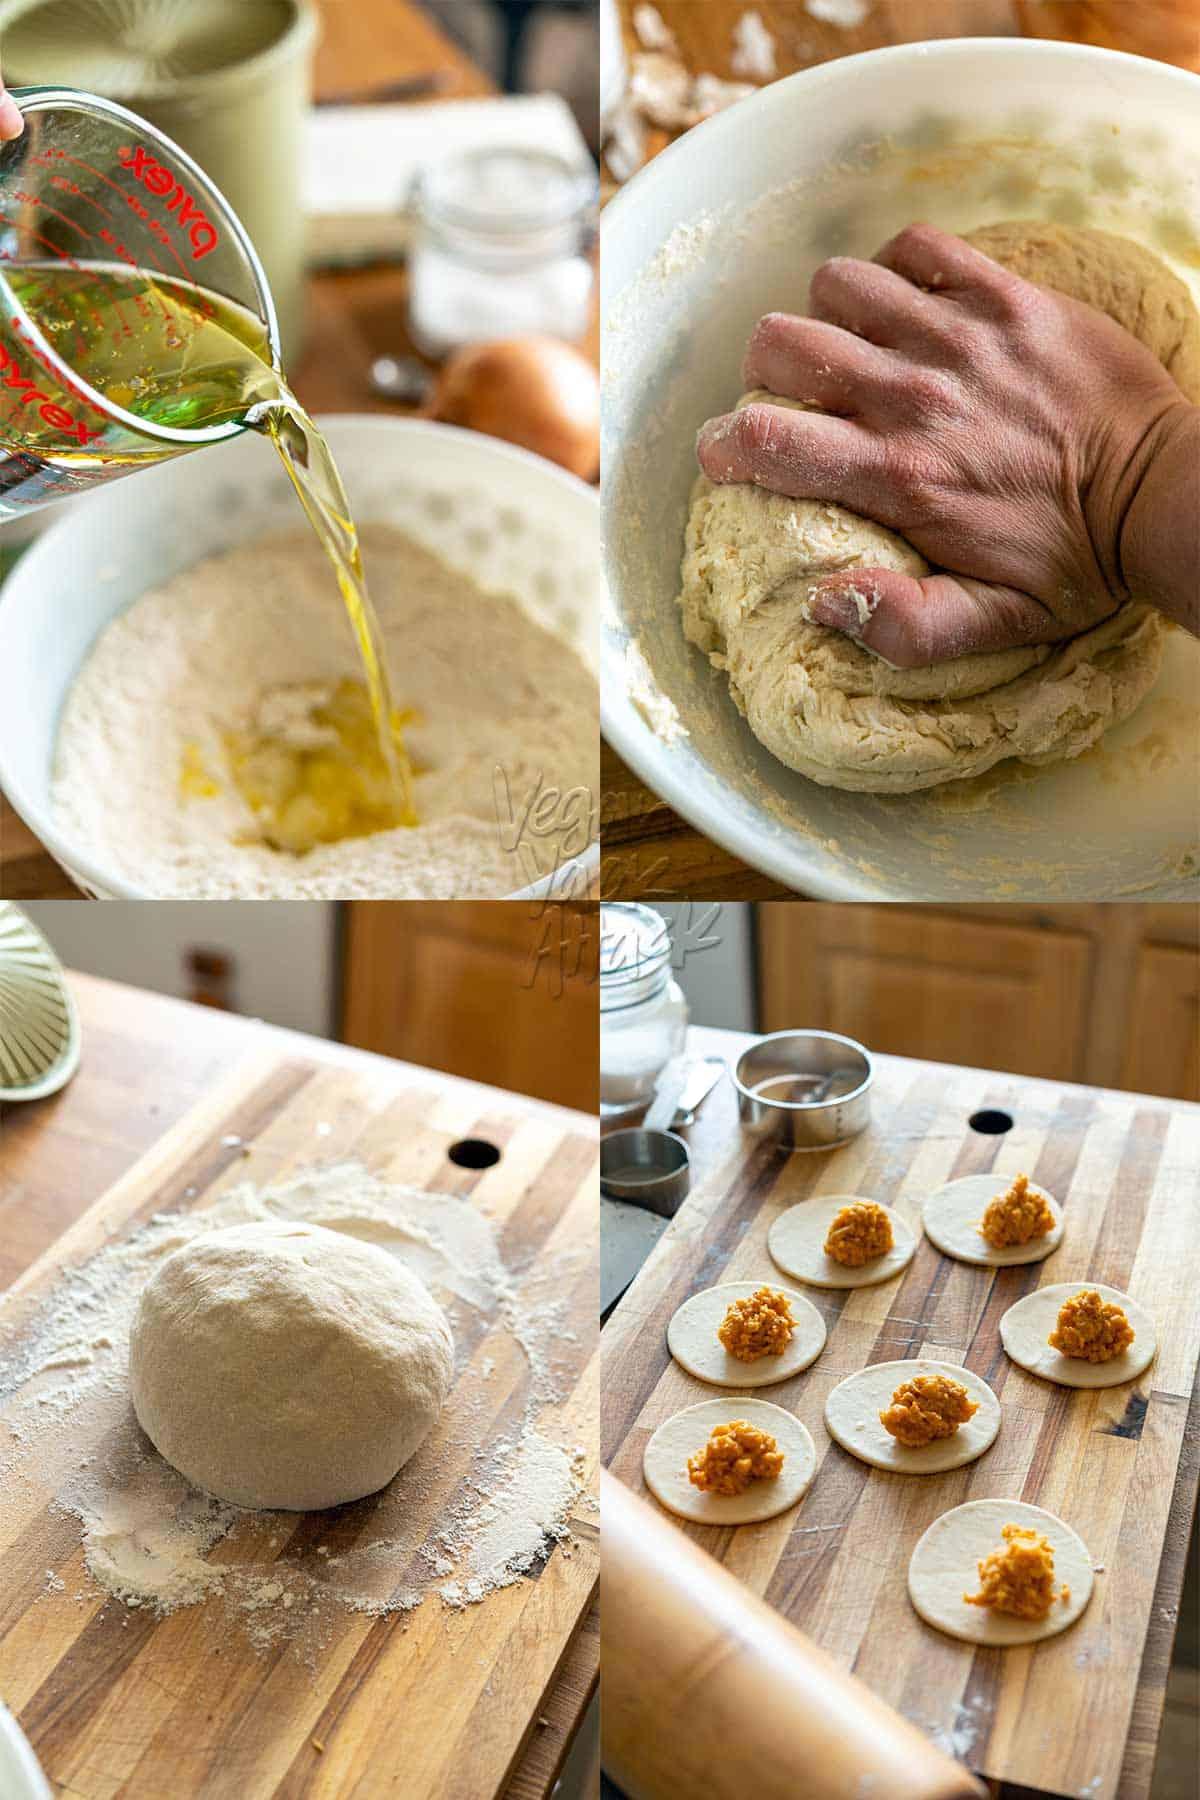 Image collage of preparing pierogi dough